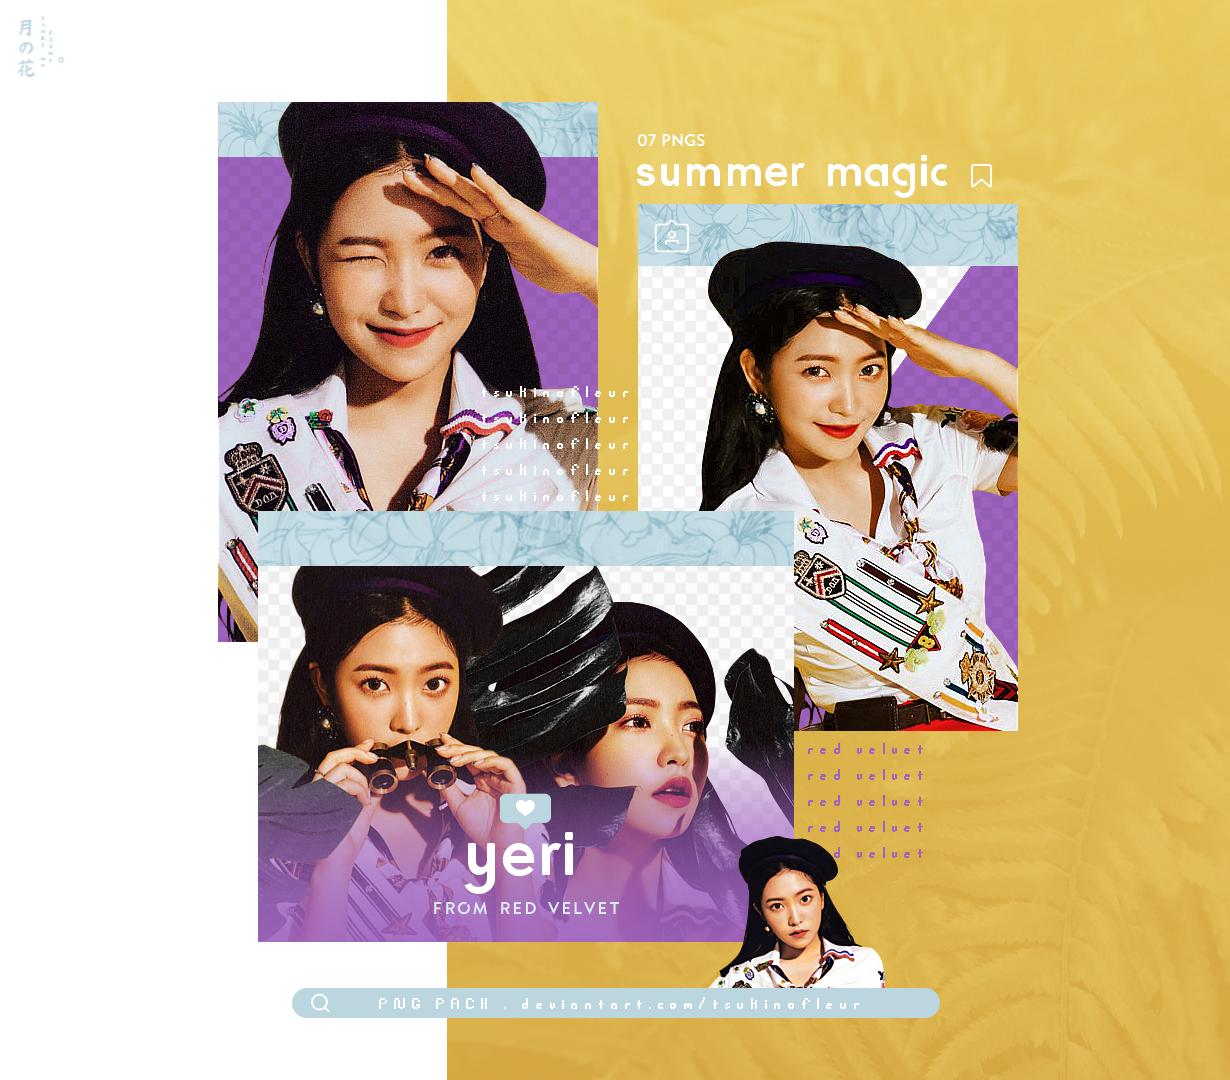 [Red Velvet] YERI / Summer Magic - PNG PACK